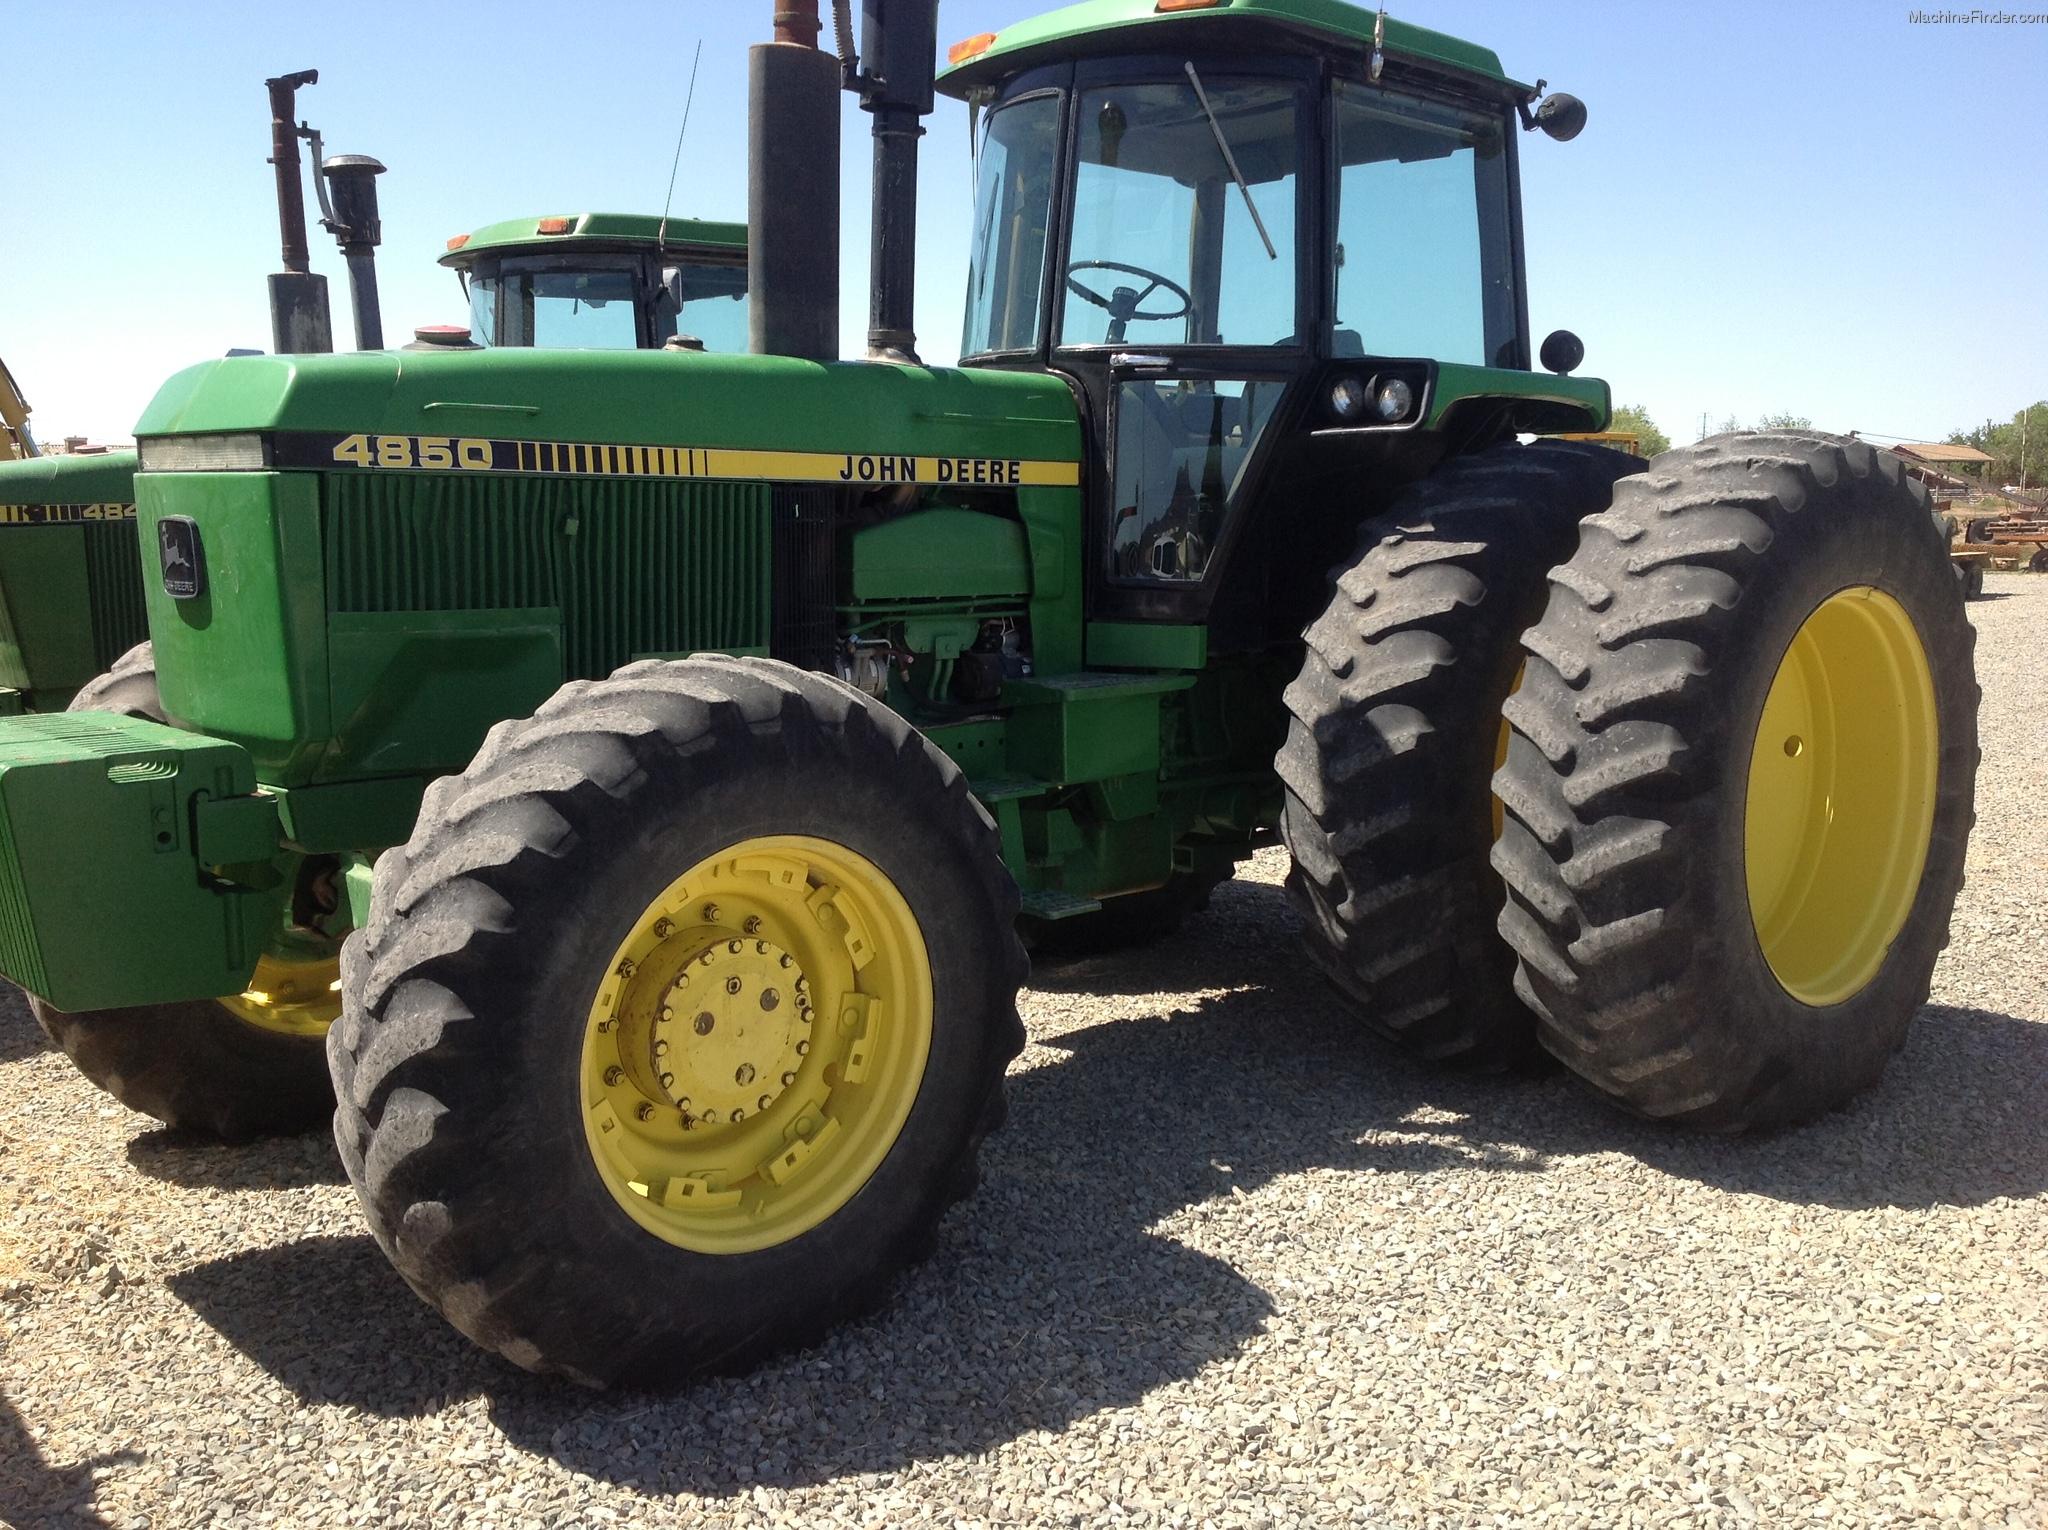 1987 John Deere 4850 Tractors - Row Crop (+100hp) - John ...